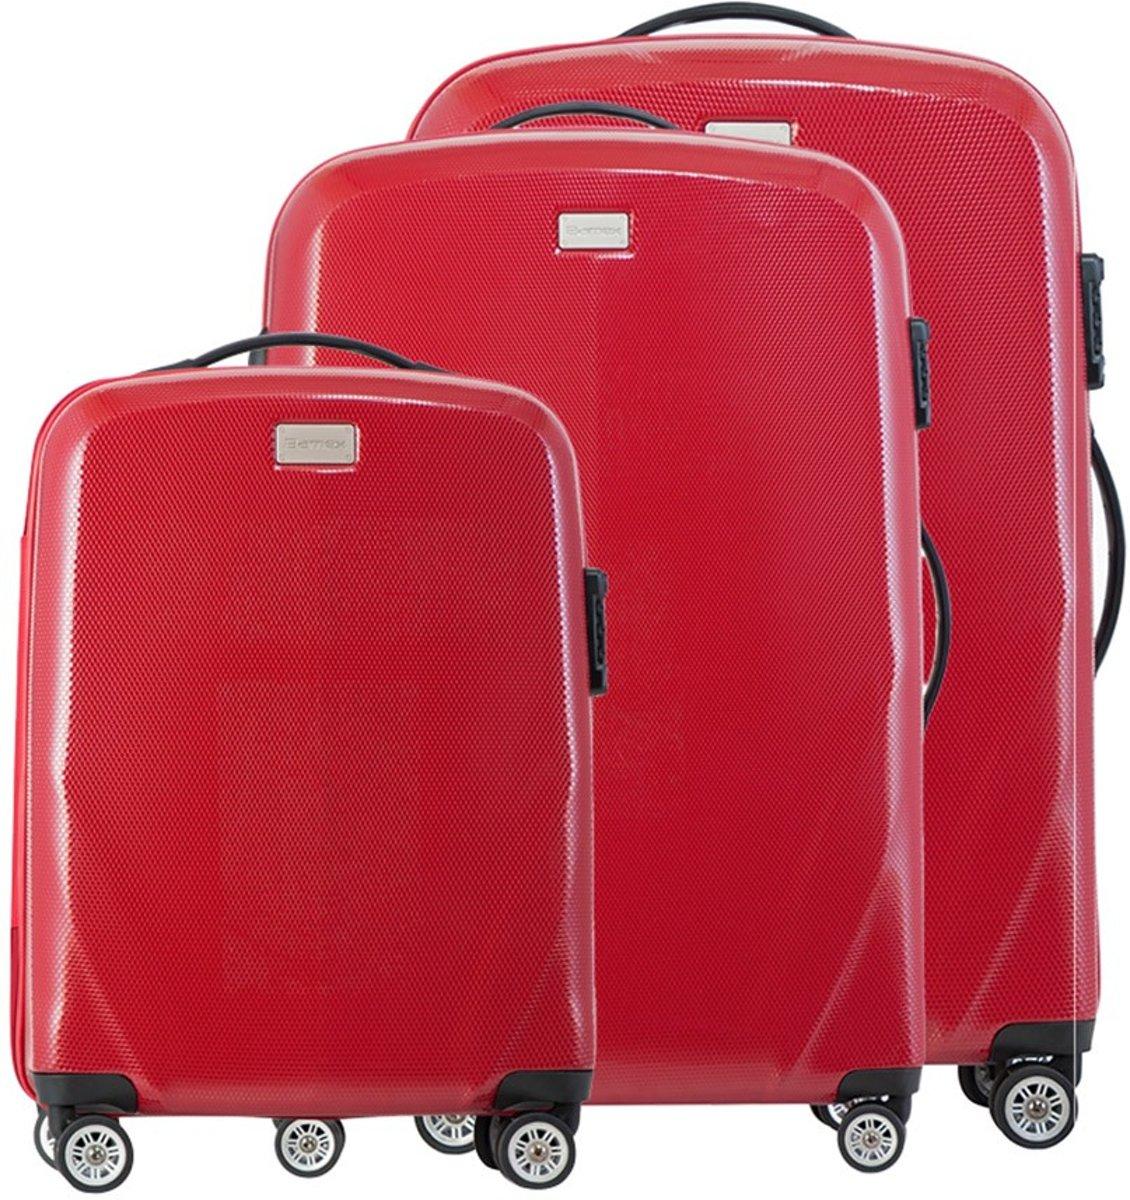 Bamex Reiskoffer Set Miami Velvet Red - 20 + 24 + 28 kopen